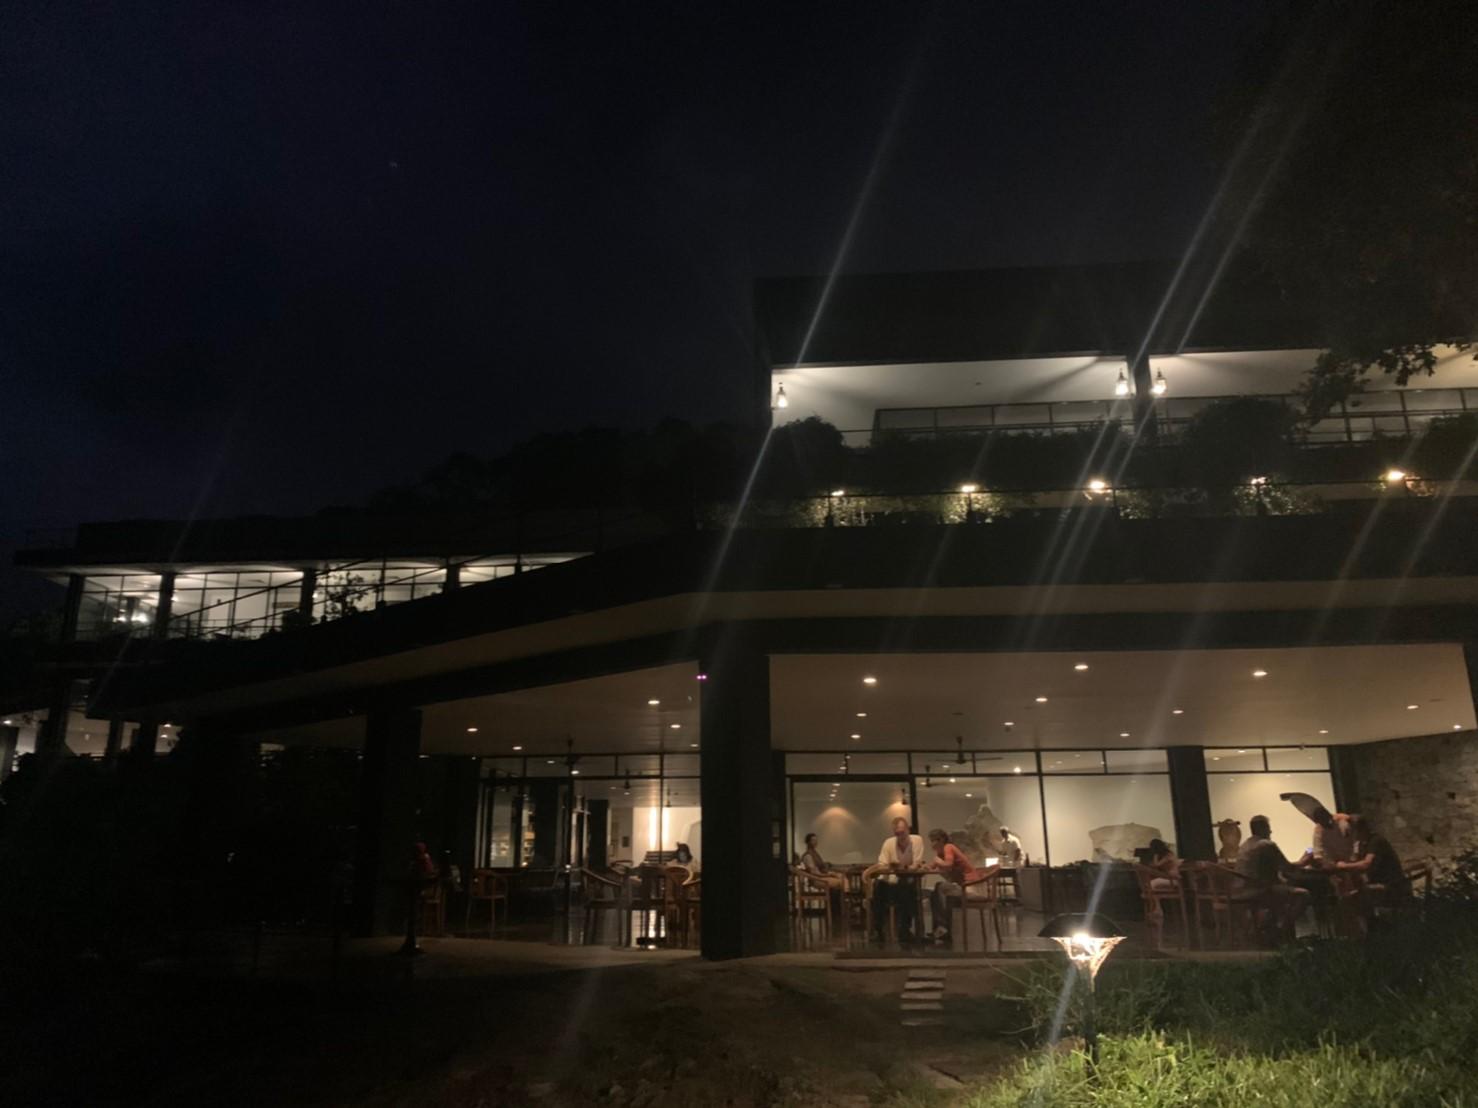 ヘリタンスカンダラマの夜の外観